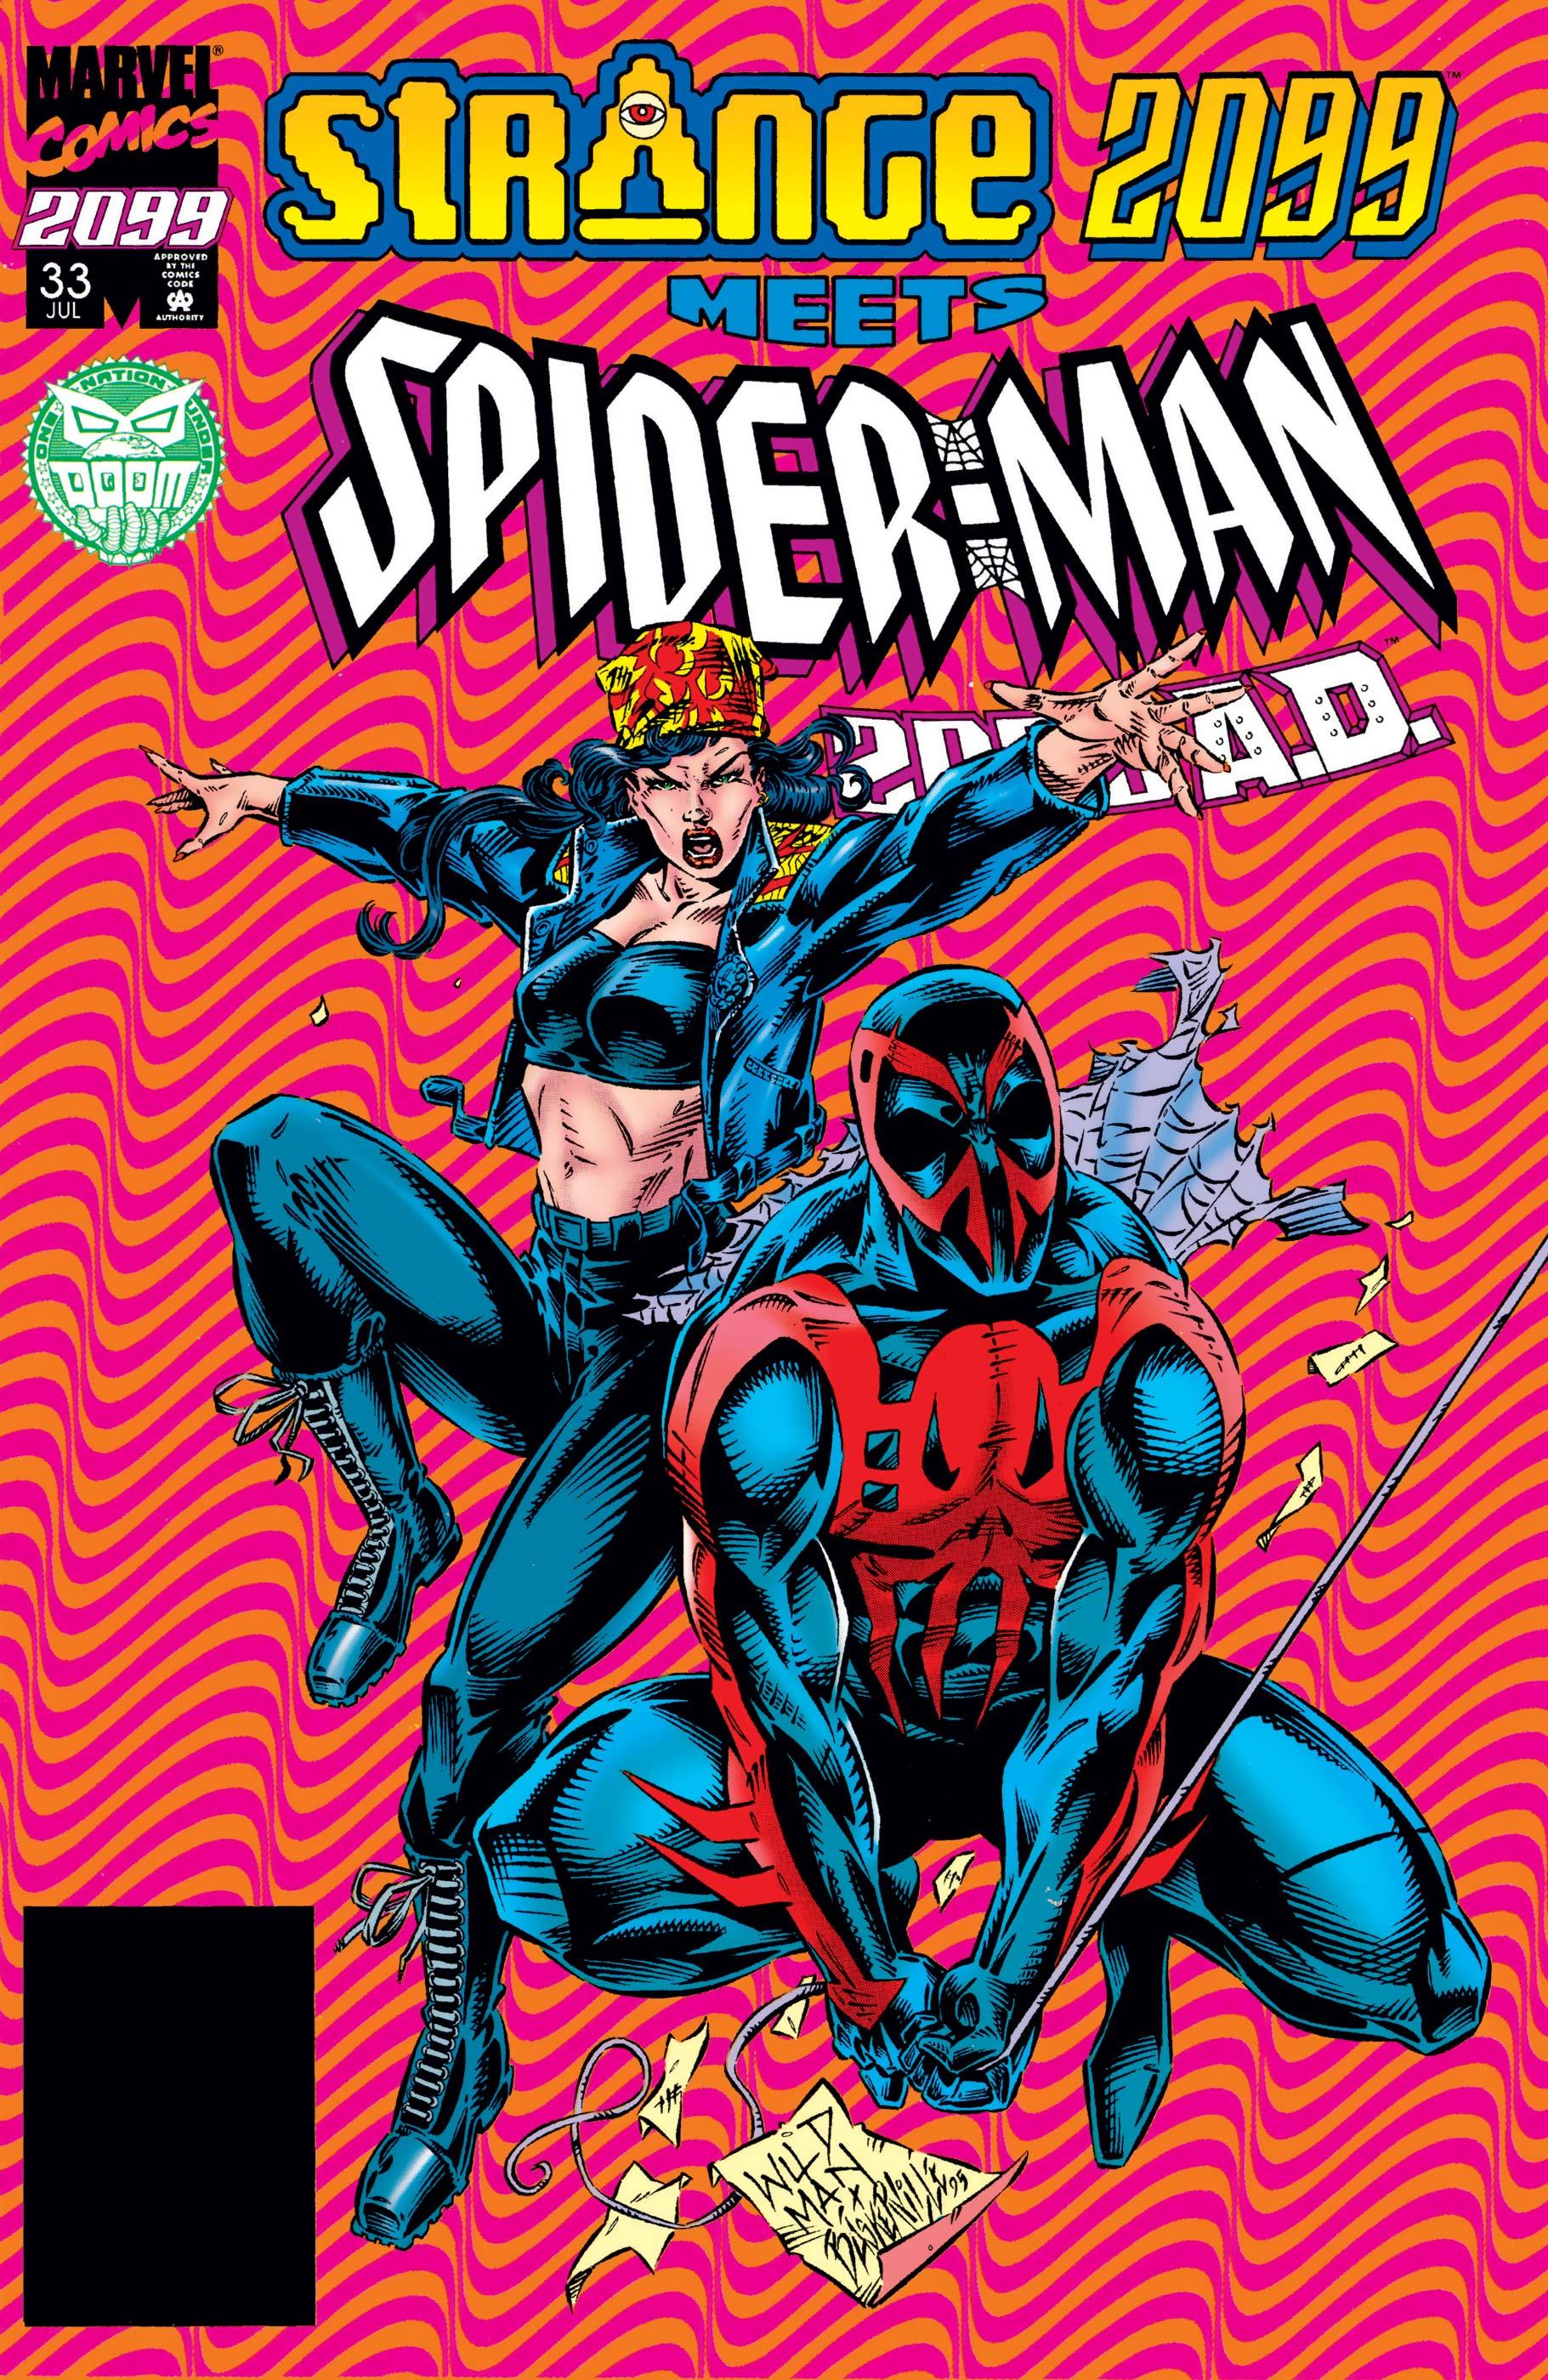 Spider-Man 2099 (1992) #33